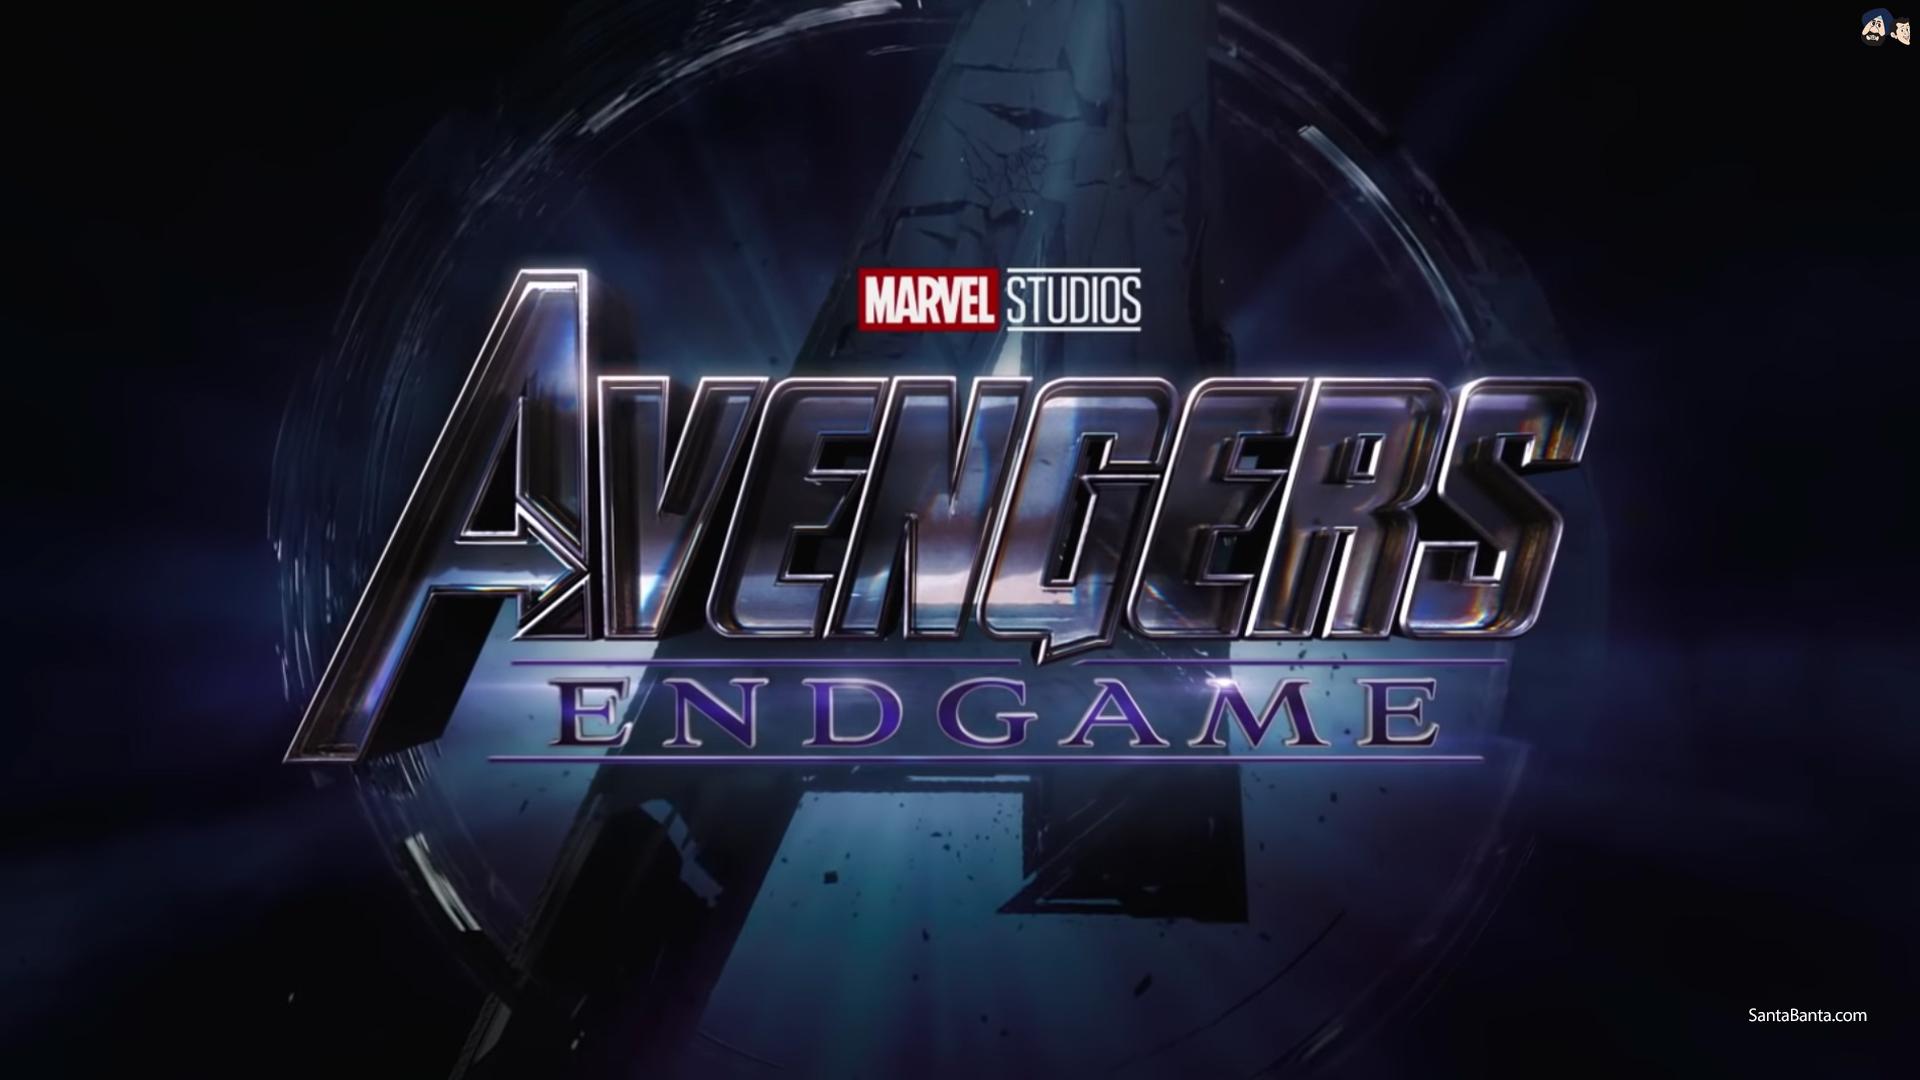 Best Avengers Endgame Avengers 4 Wallpapers for Desktop and Mobile 1920x1080